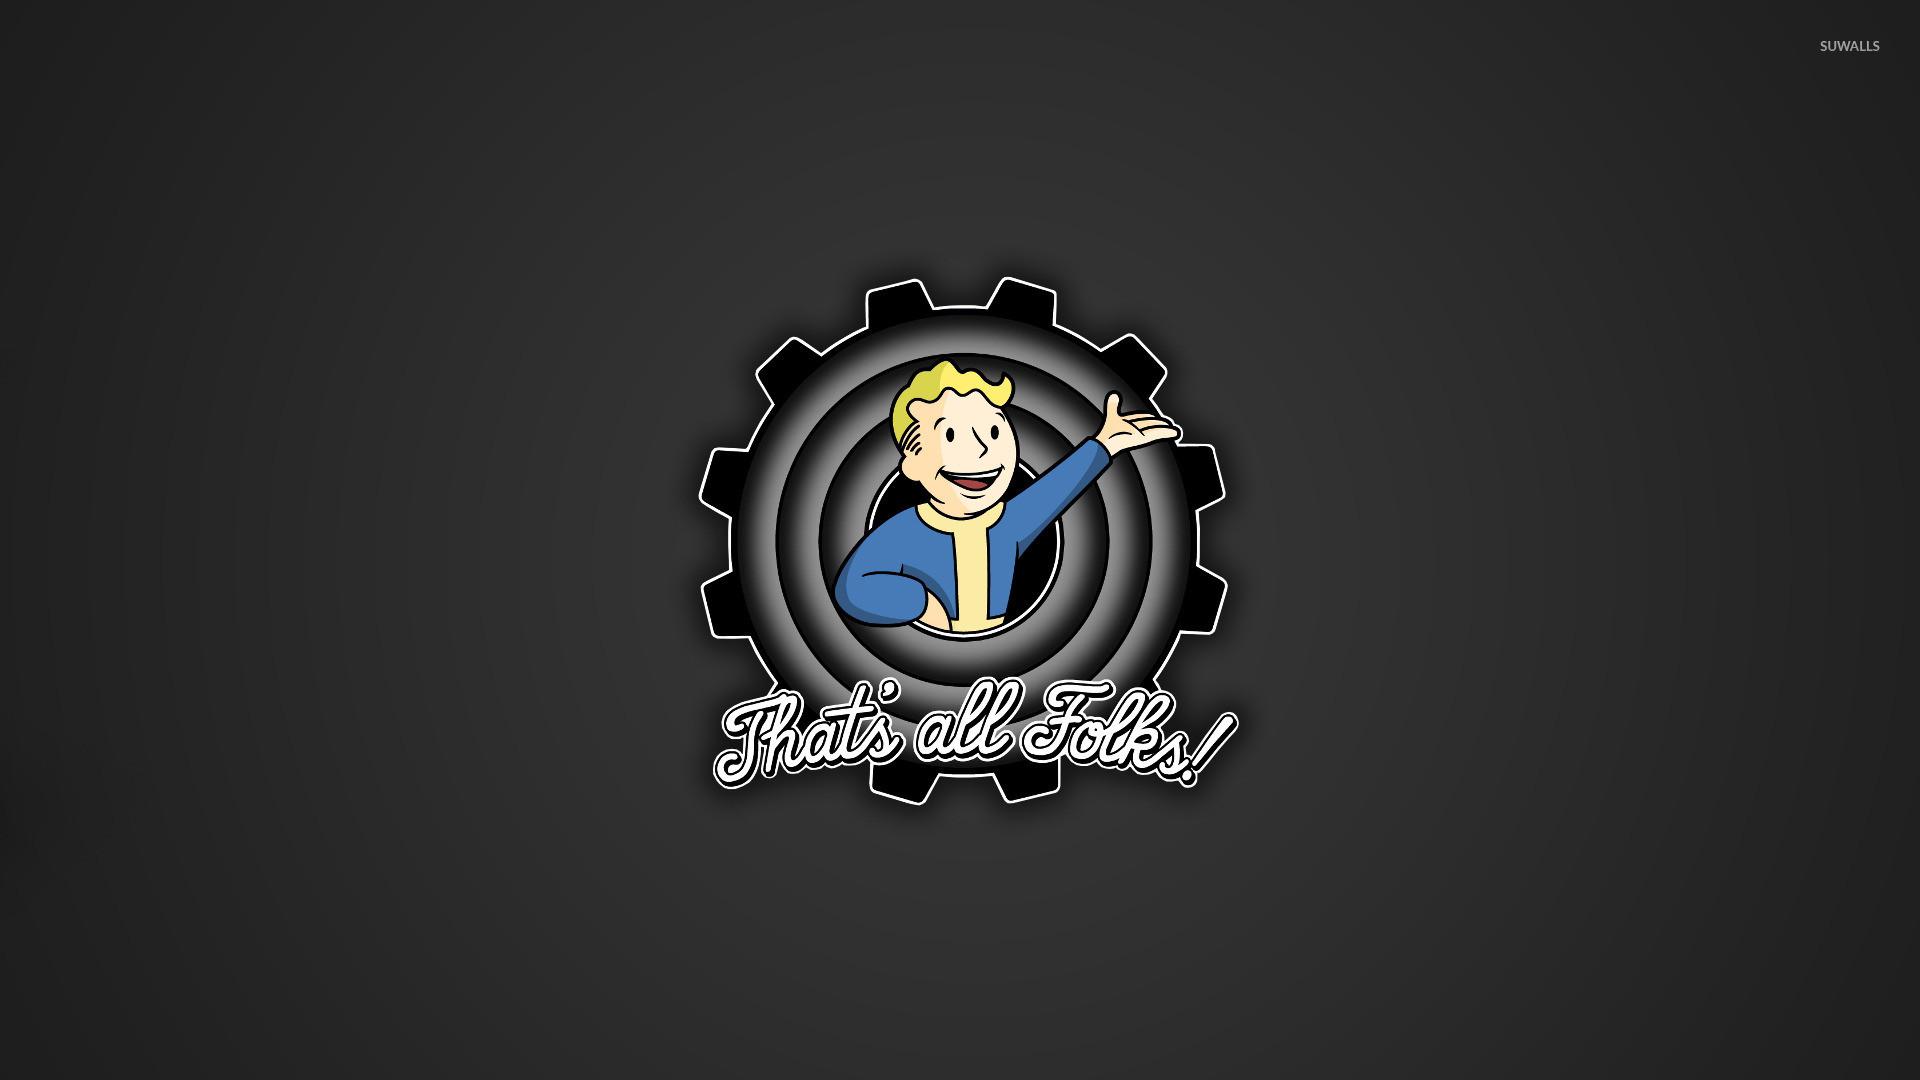 Vault Boy – Fallout [6] wallpaper jpg